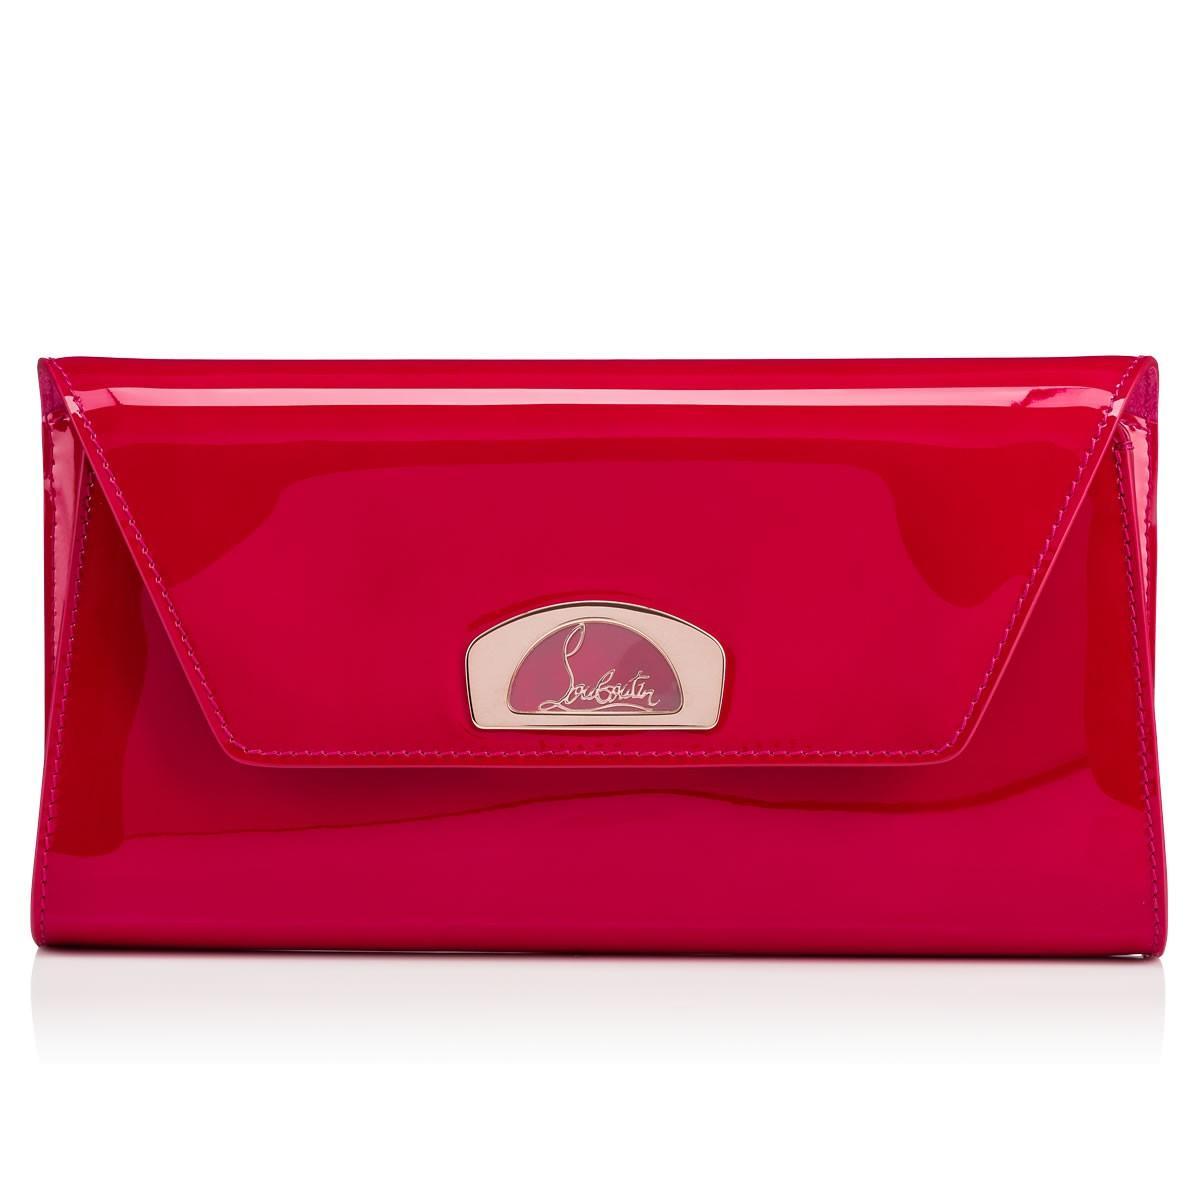 364d48605ad0 Christian Louboutin Vero-Dodat Clutch Ultra Rose Patent Calfskin - Handbags  -